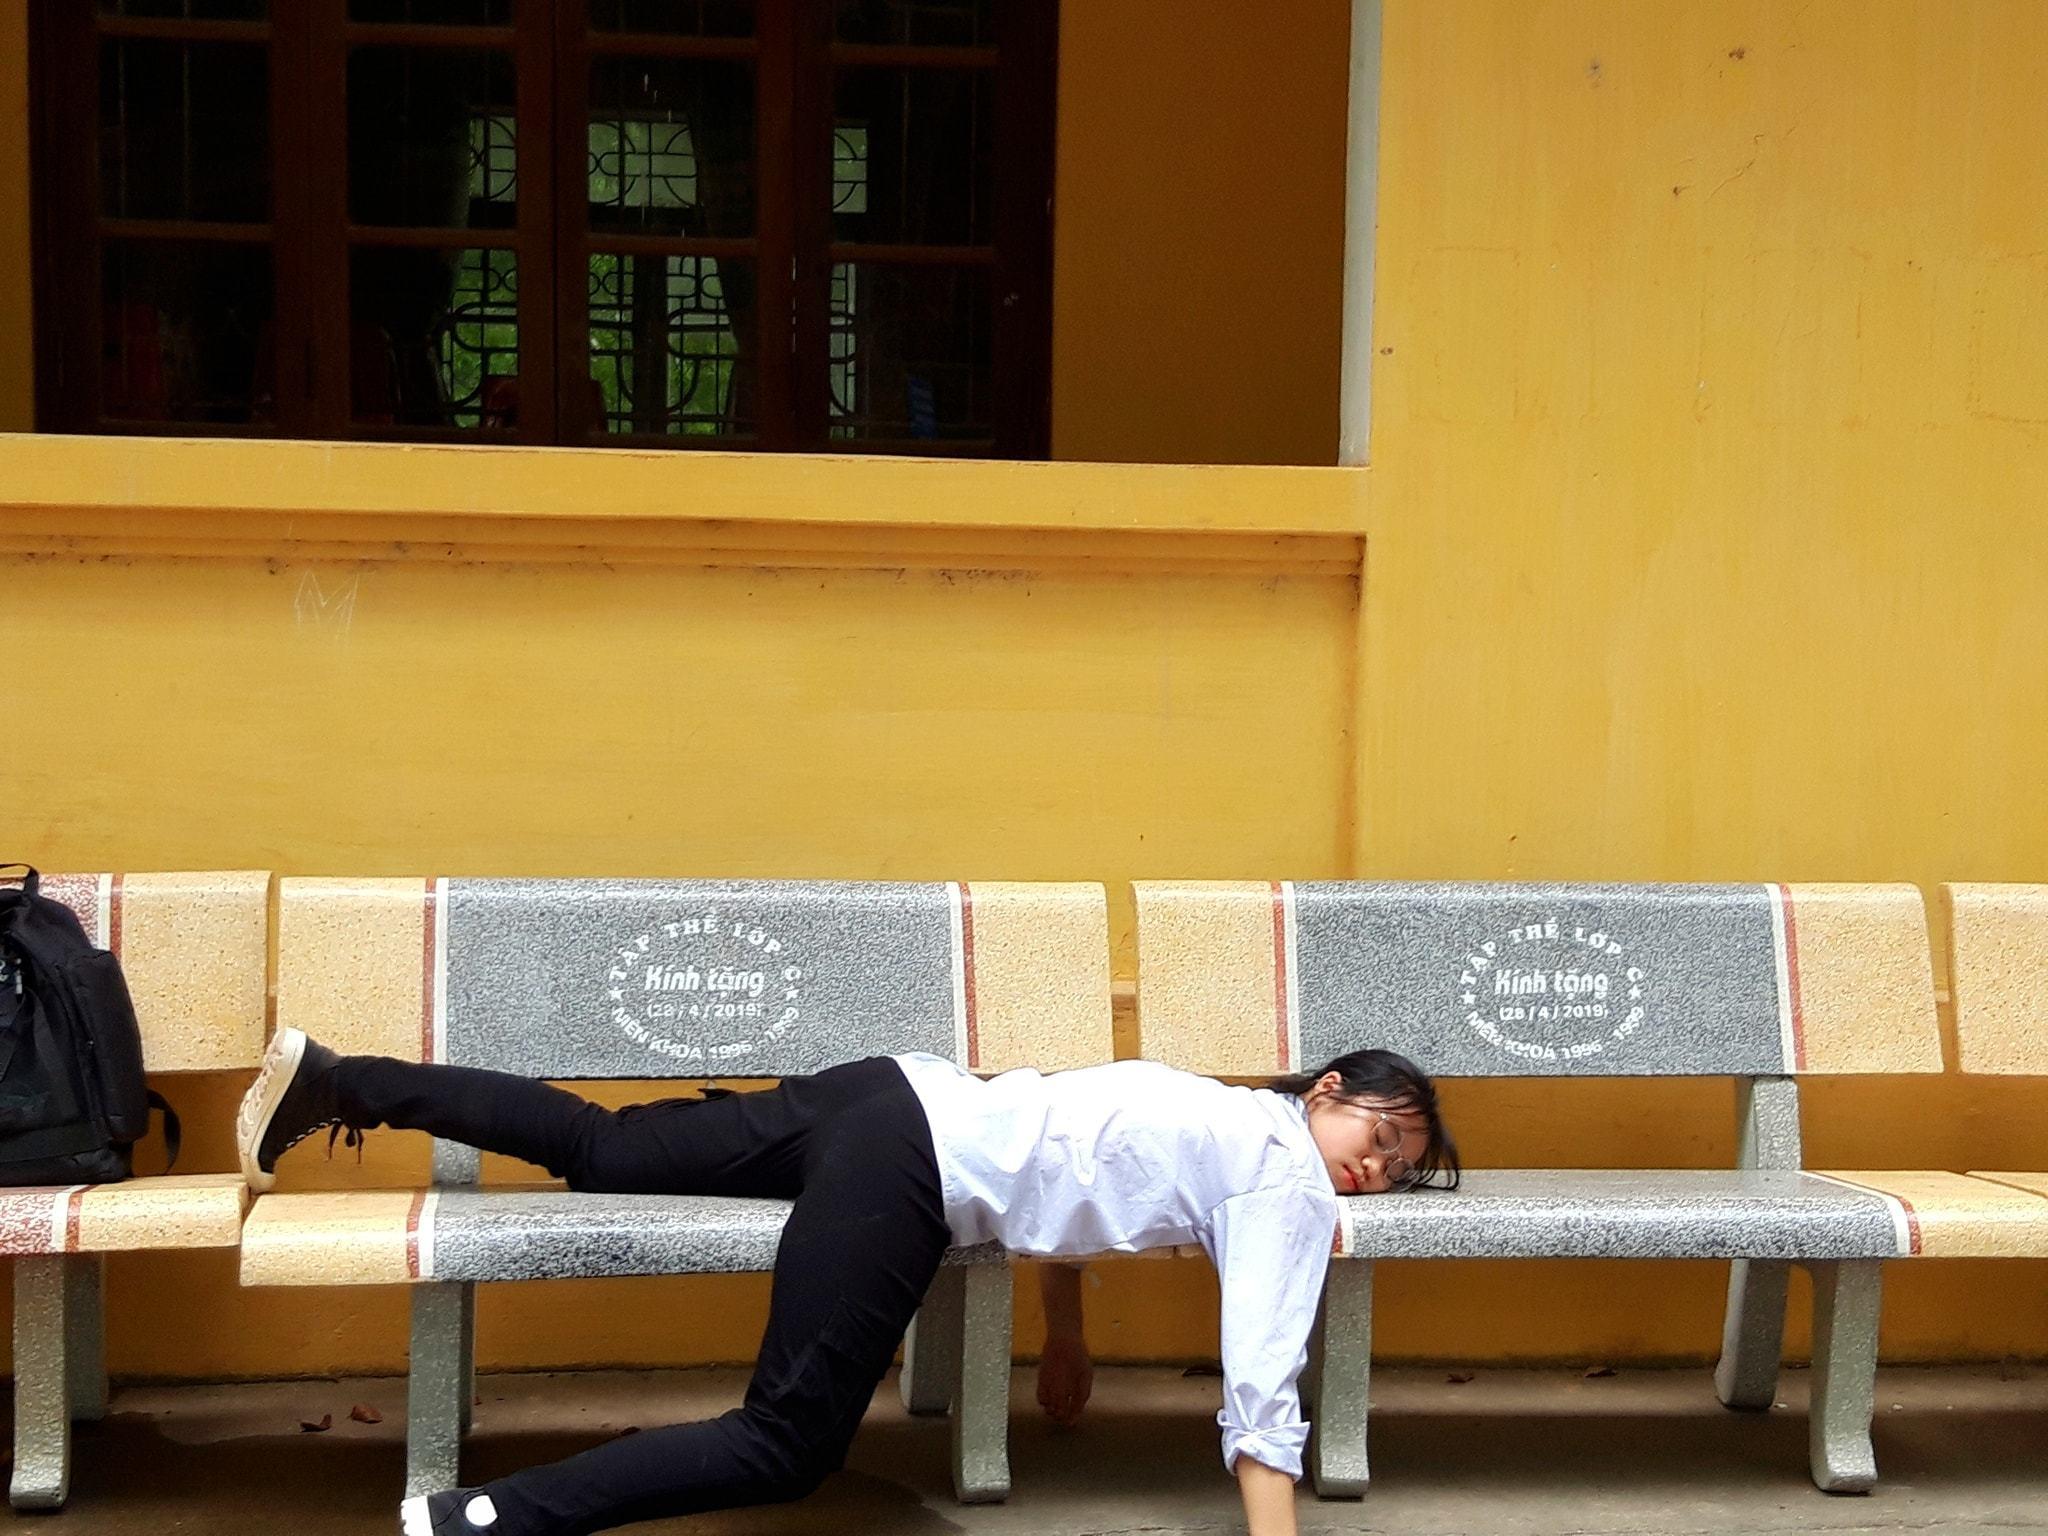 Nữ sinh Bắc Giang 'kiệt sức vì học thi' được bạn bè đồng cảm